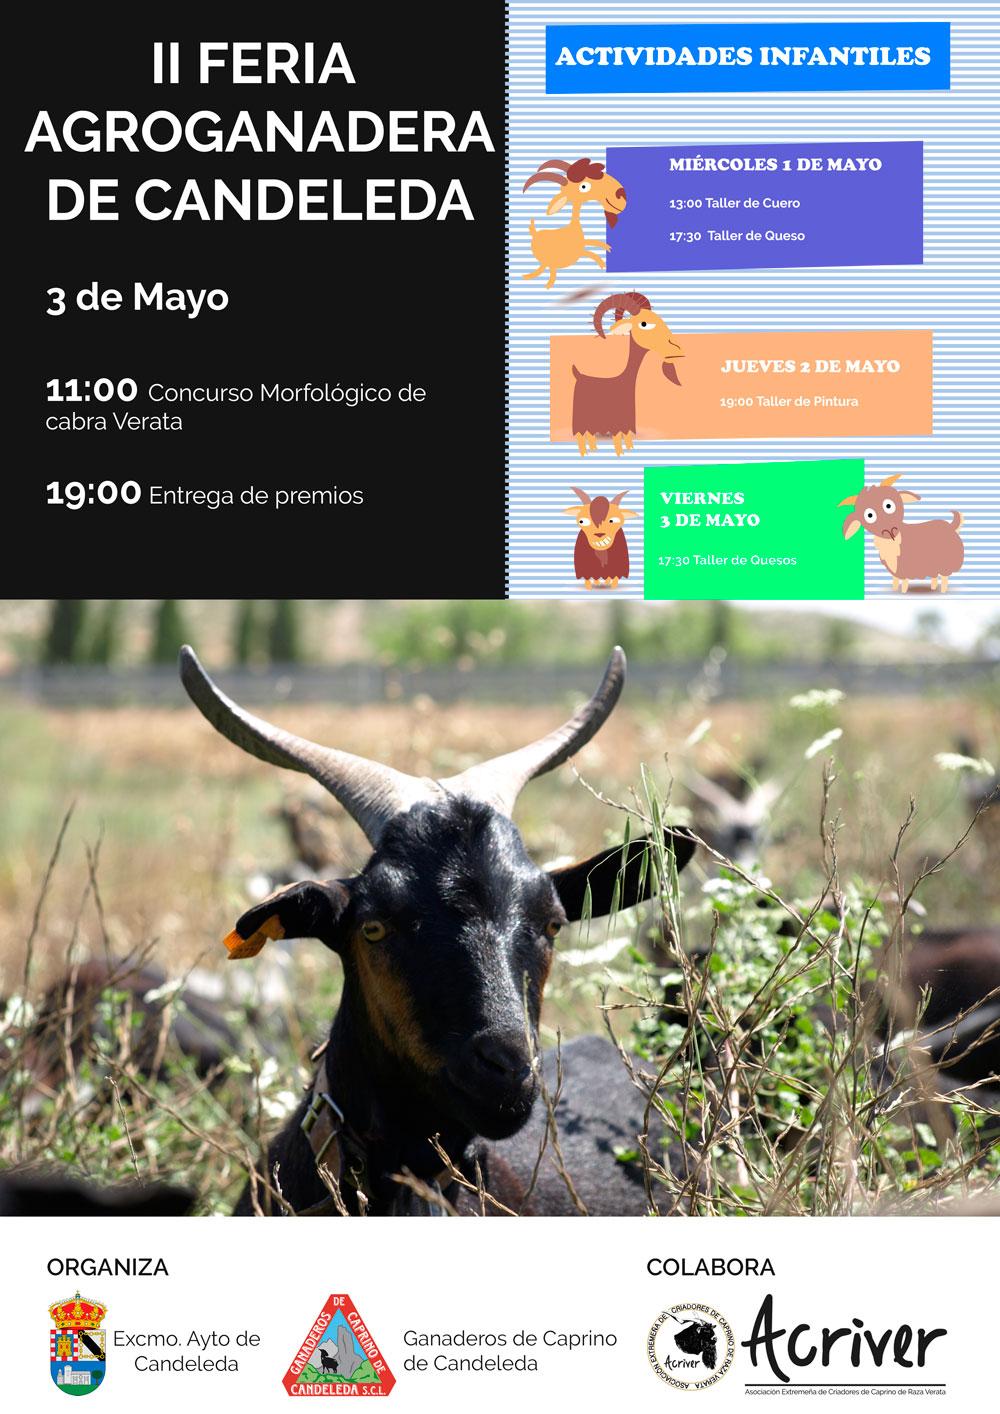 2019 Feria Agroganadera de Candeleda